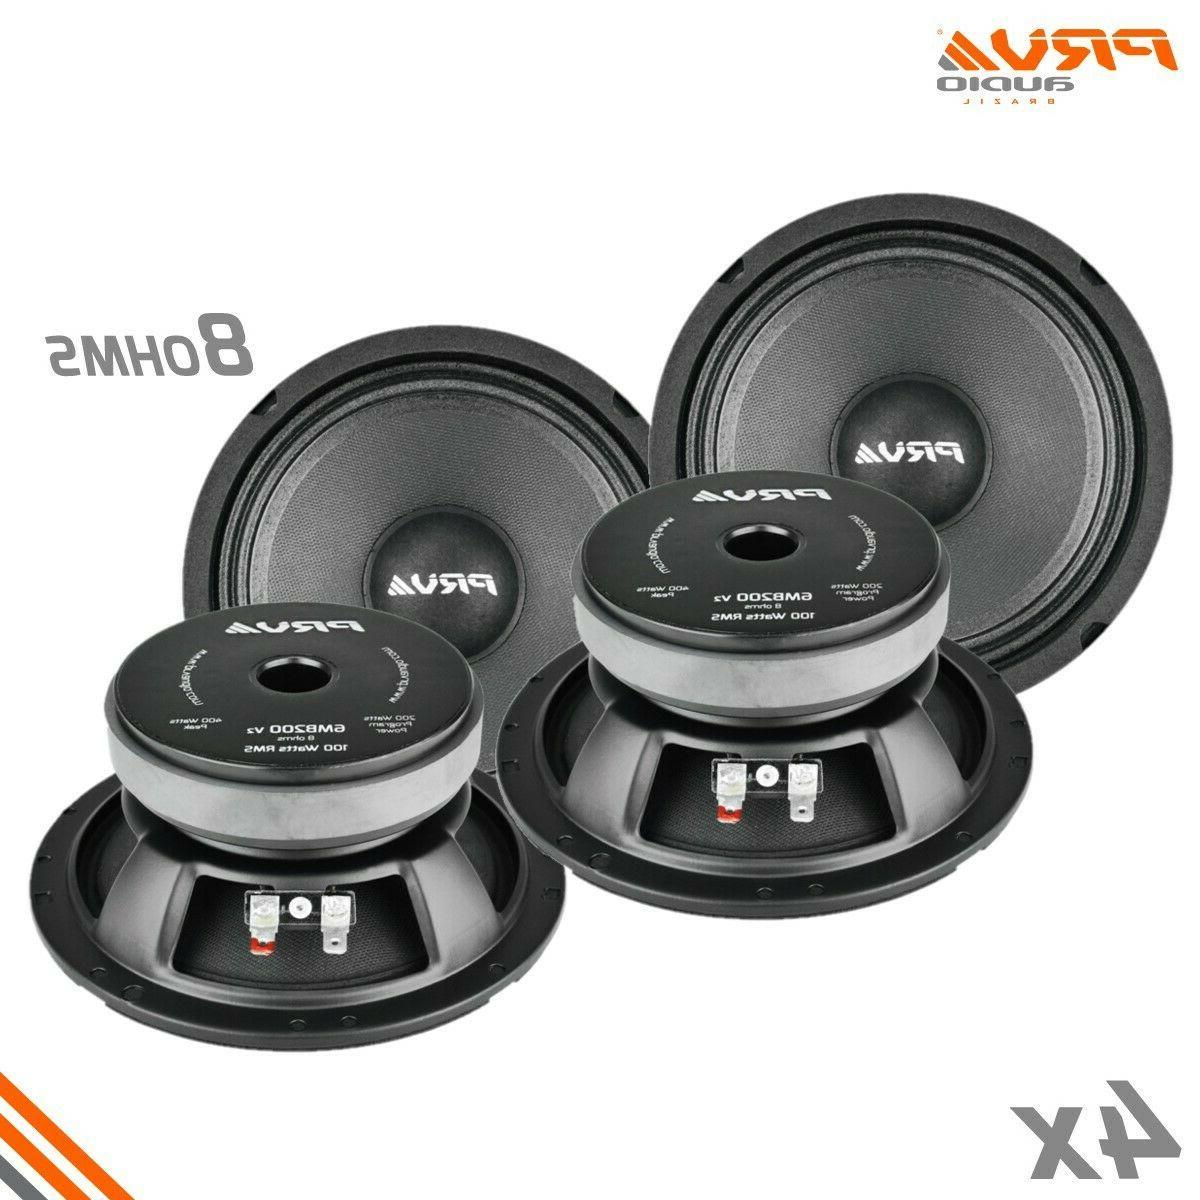 6mb200 midbass speaker